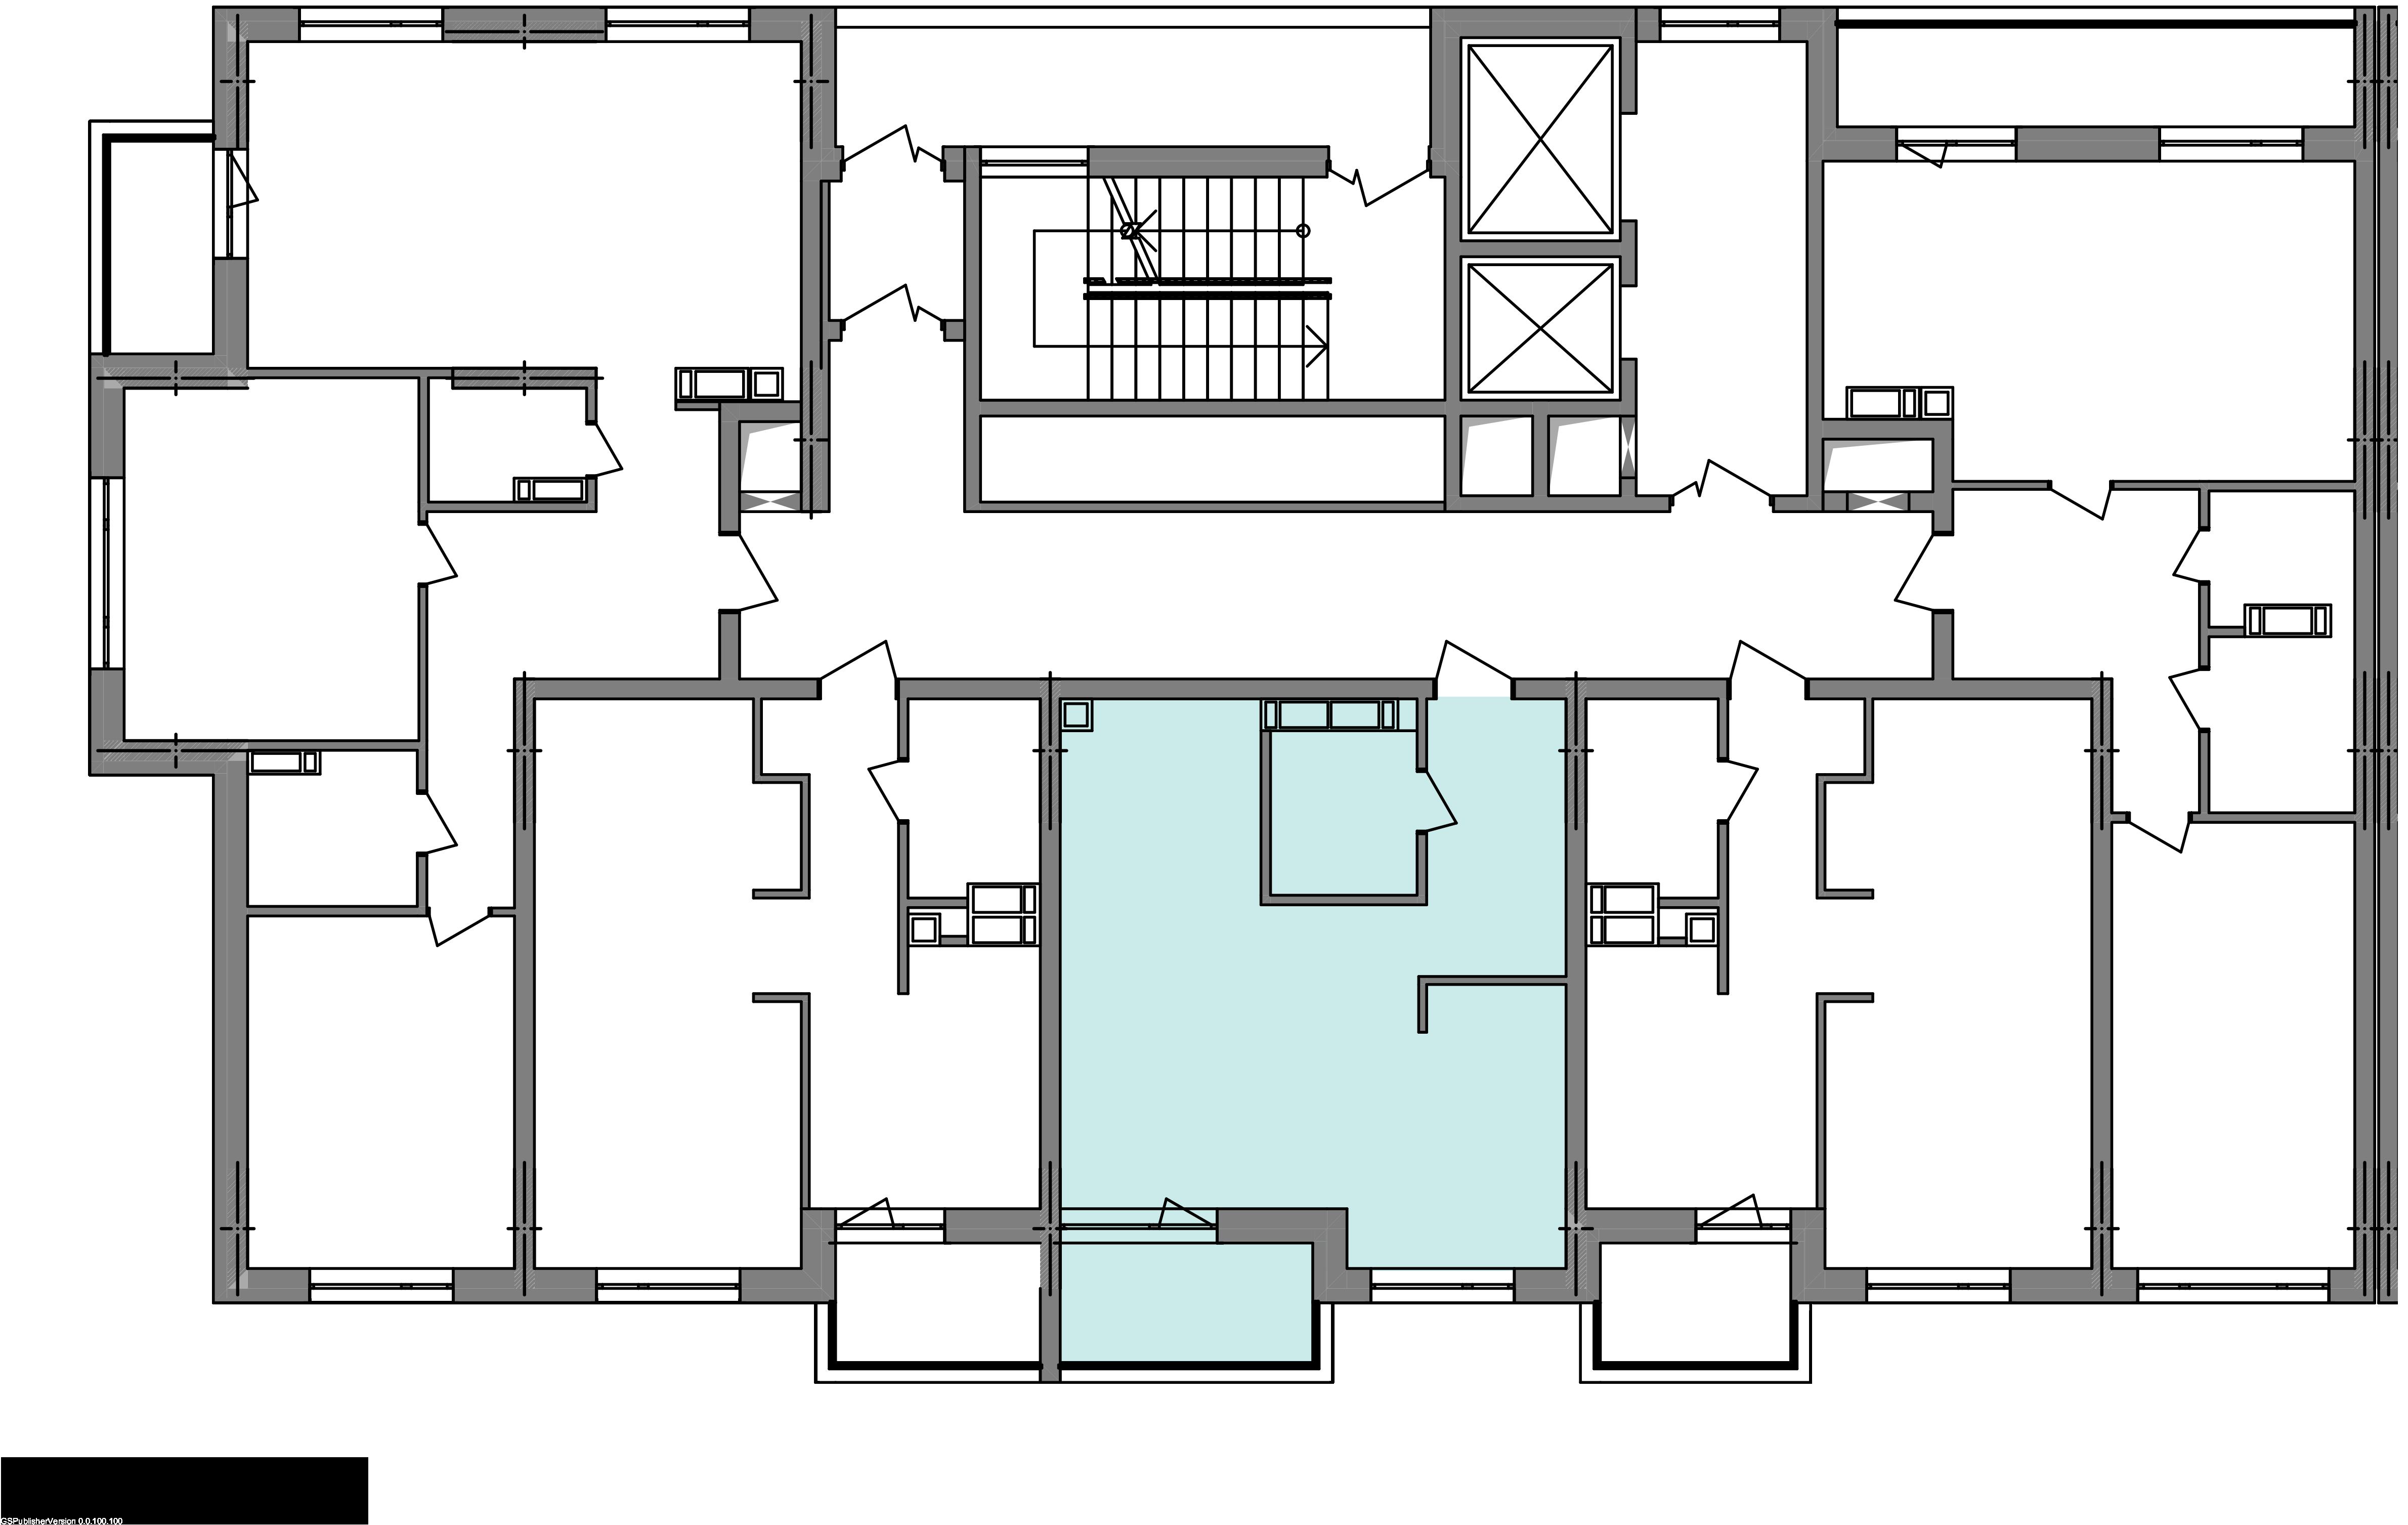 Однокомнатная квартира 41,04 кв.м., тип 1.2, дом 3 секция 1 расположение на этаже